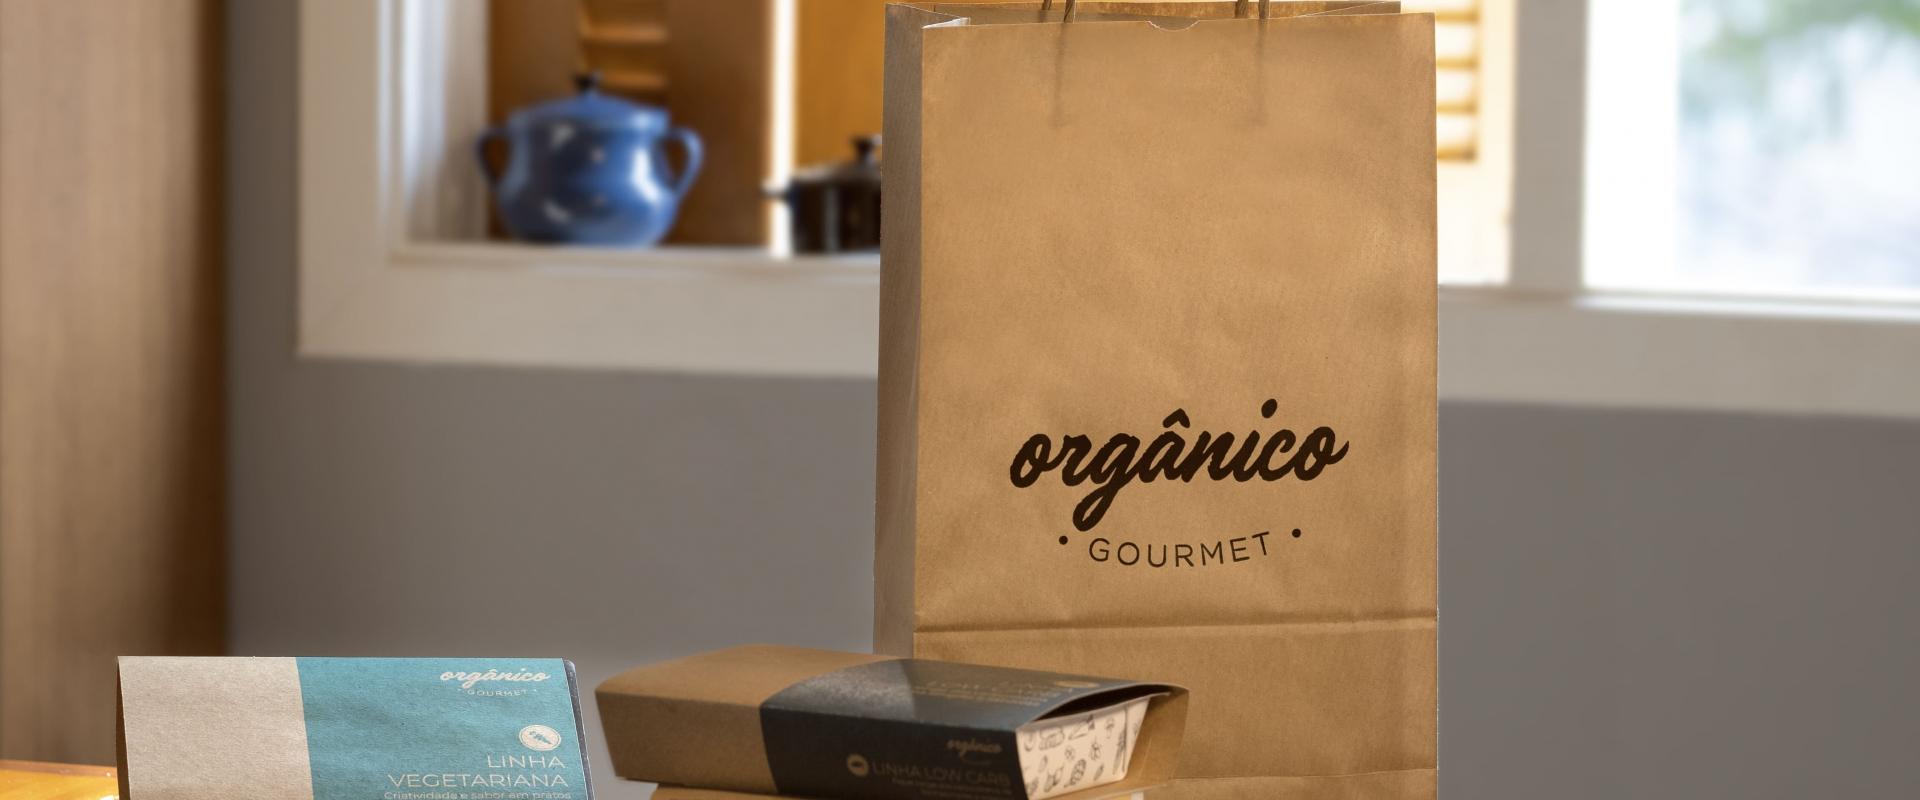 Embalagens da Orgânico Gourmet